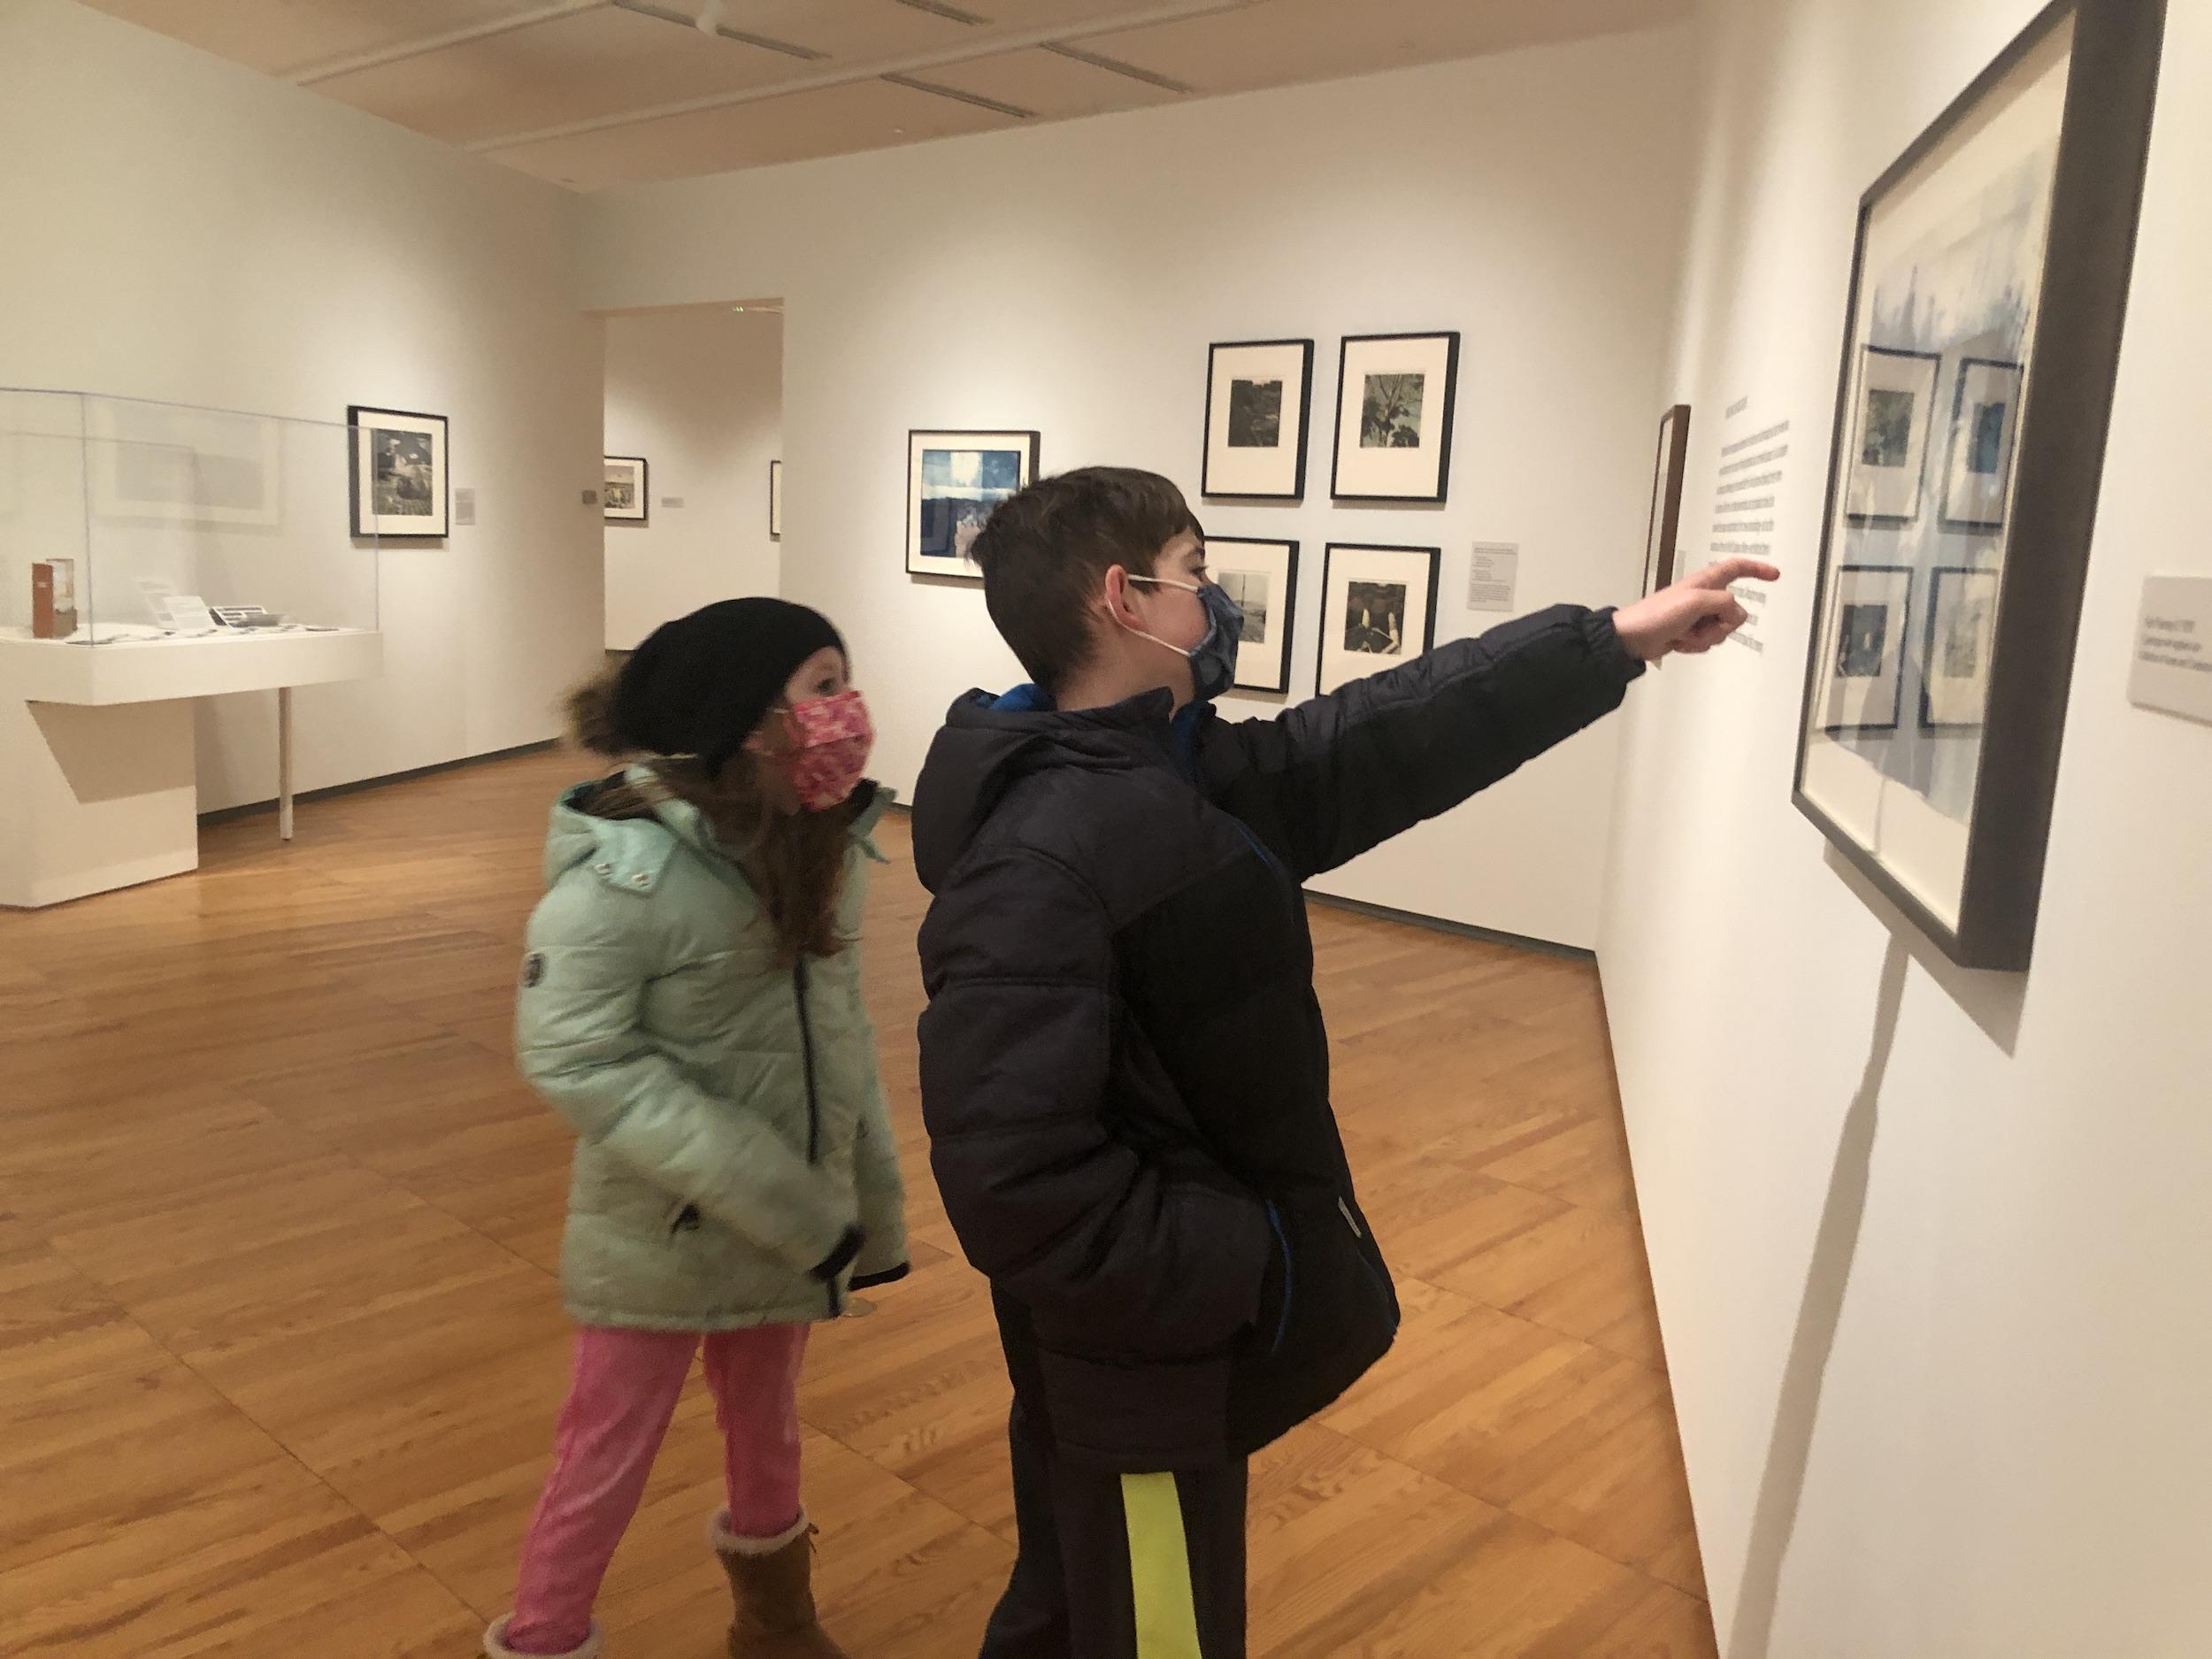 Kids at Krannert Art Museum